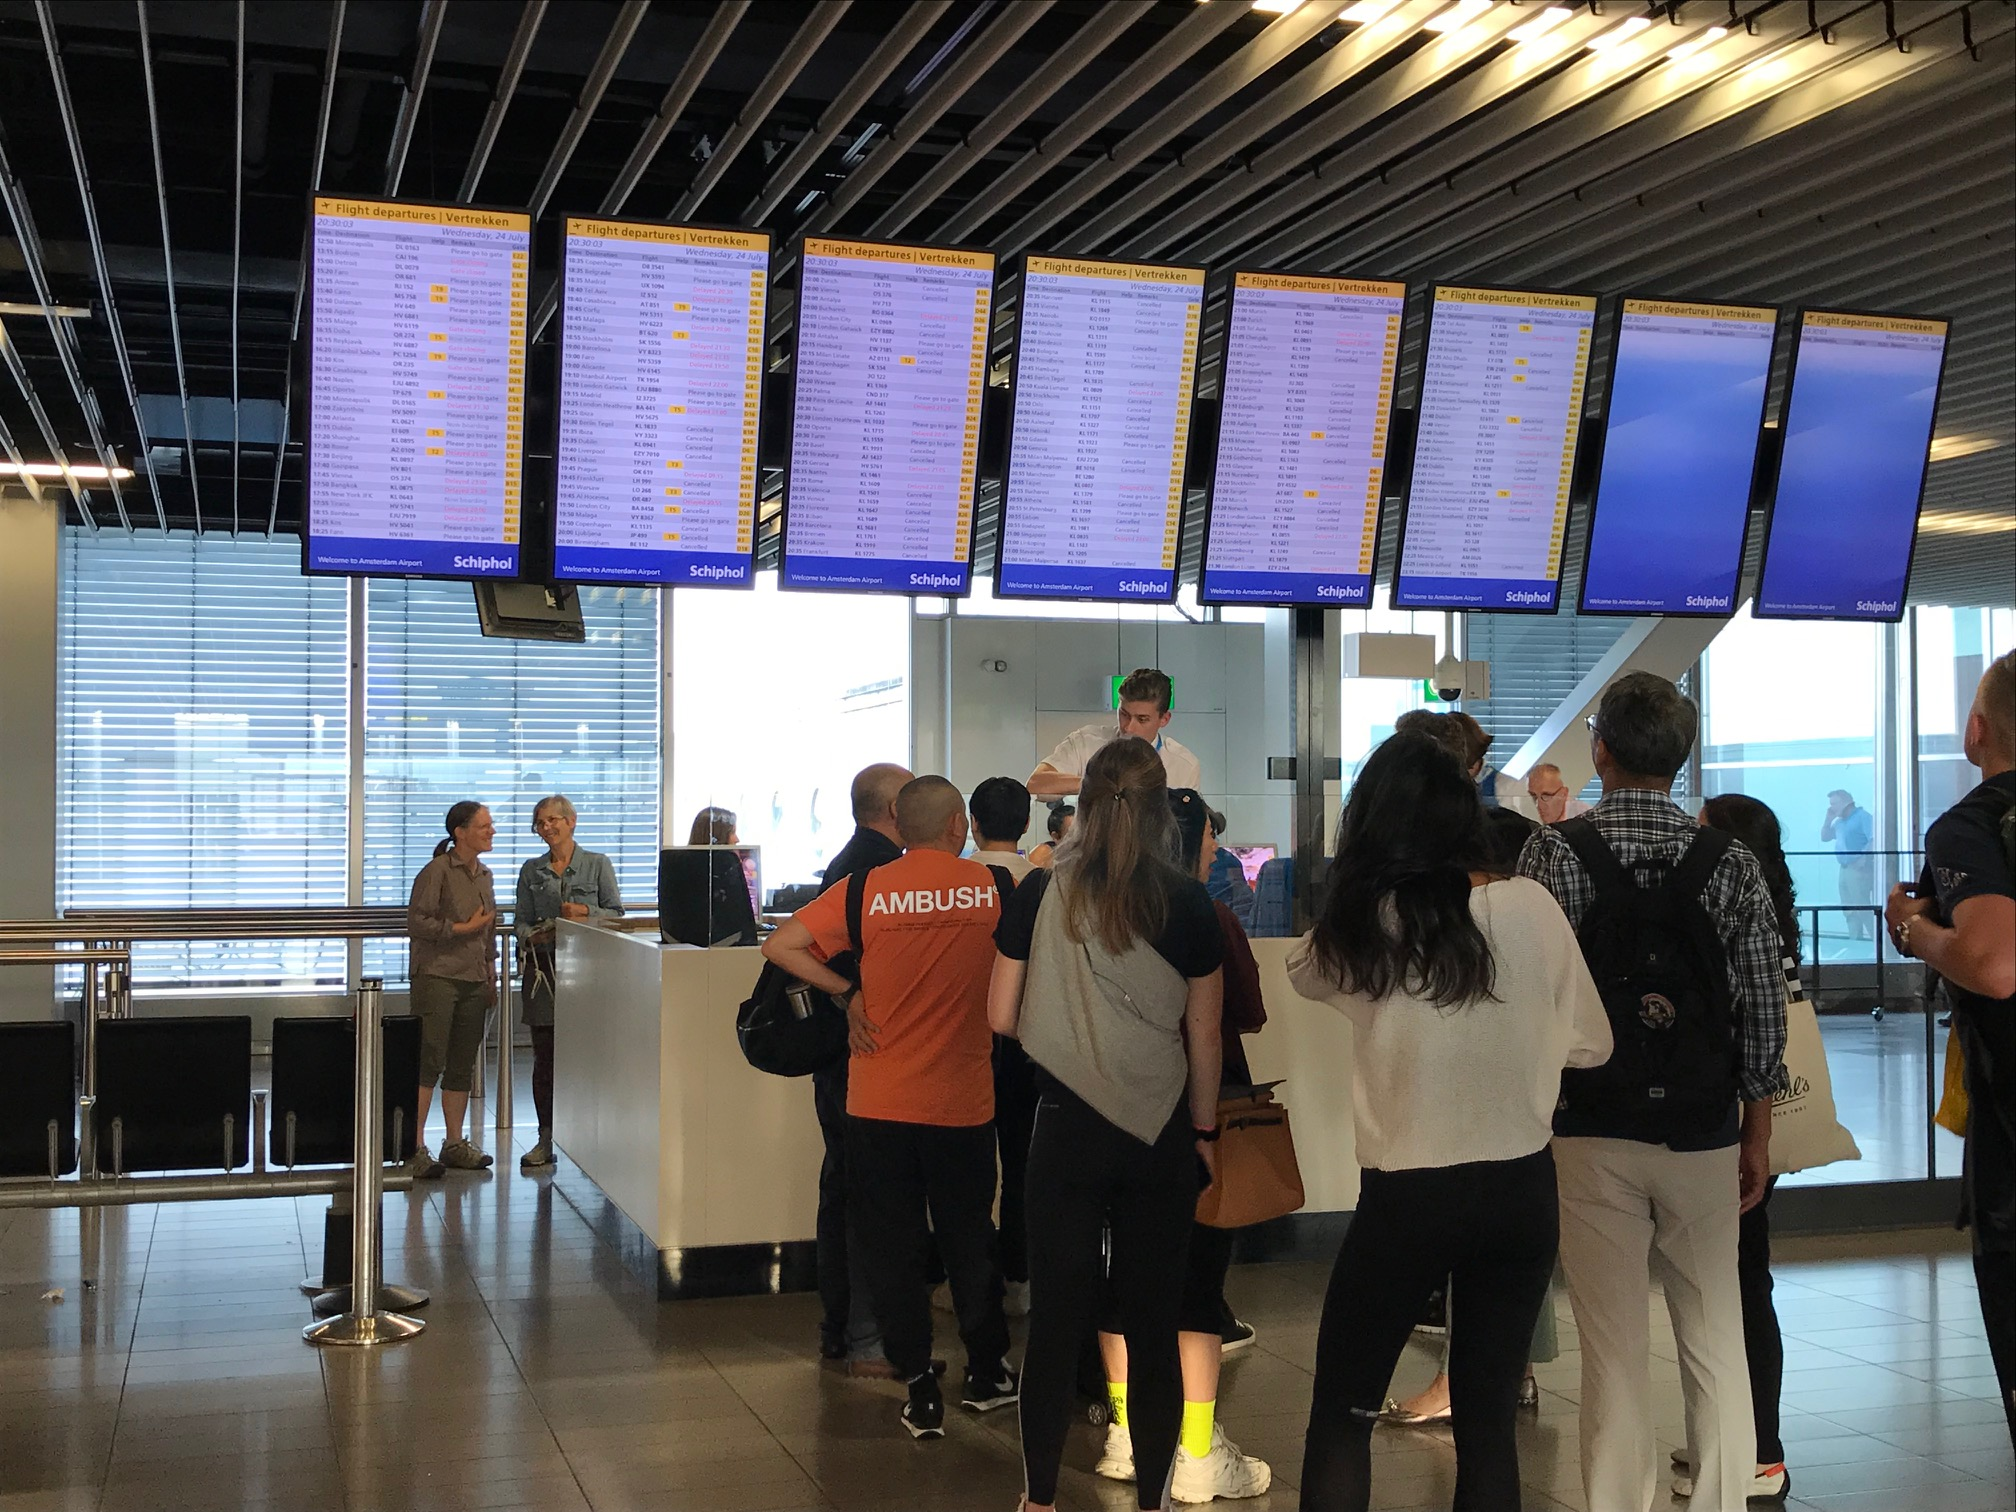 Passagerer i kø i Amsterdam Schiphol Airport for at ombooke. (Foto: Josefine Baumgarten)